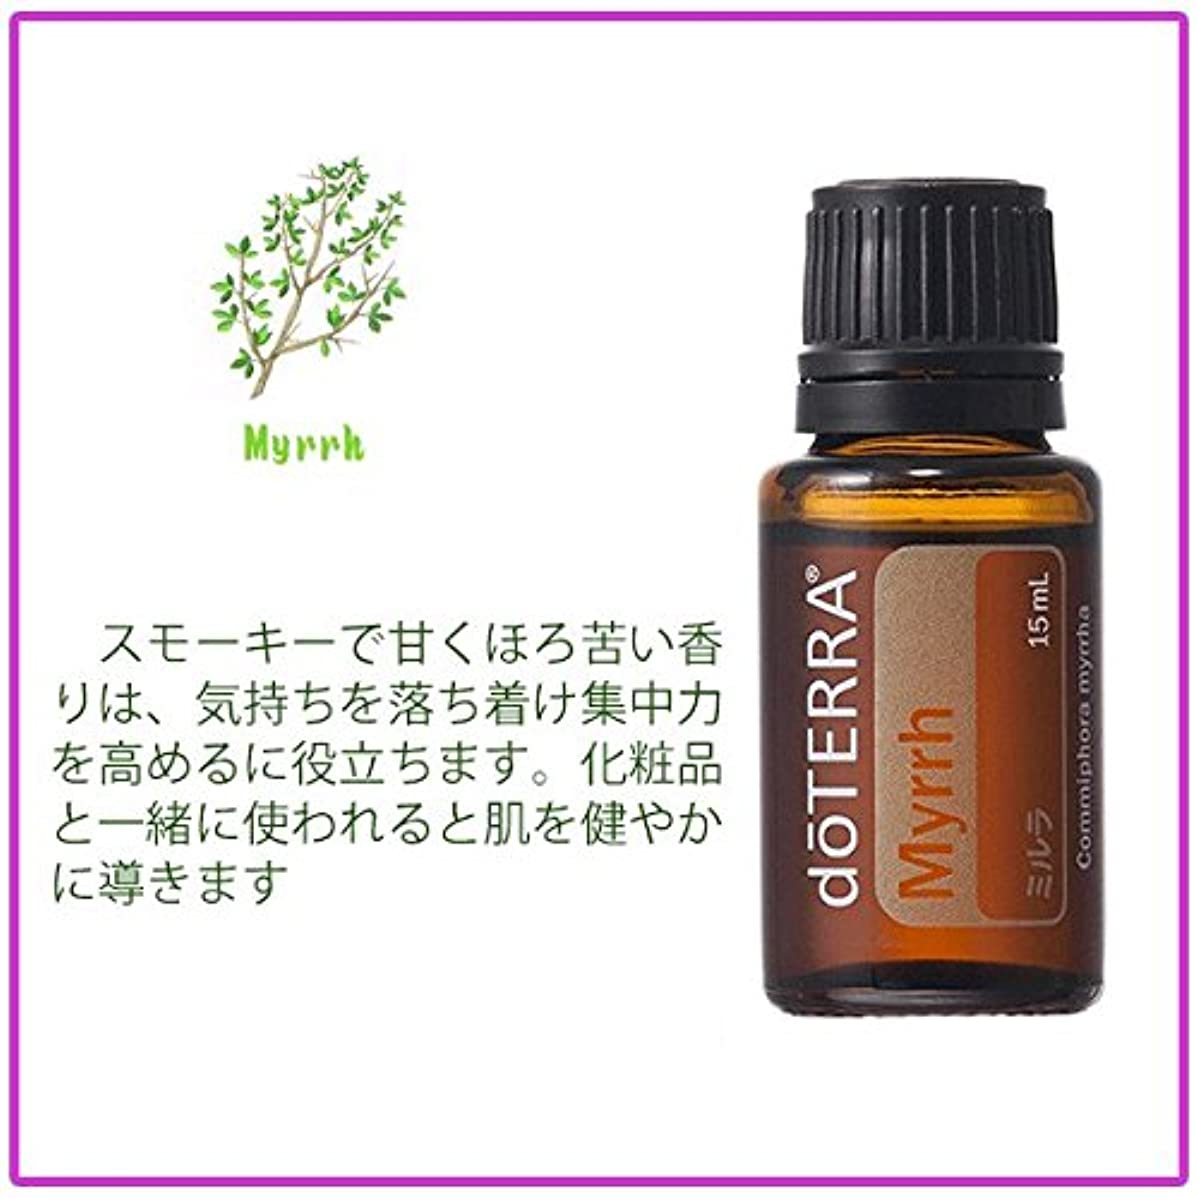 経由でパーセント身元doTERRA ミルラ 沒藥精油(Myrrh) 15ml スモーキーで甘くほろ苦い香りは、気持ちを落ち着け、集中力を高めるのに役立ちます CPTG 基準一等級100% 純粋エッセンシャルオイル